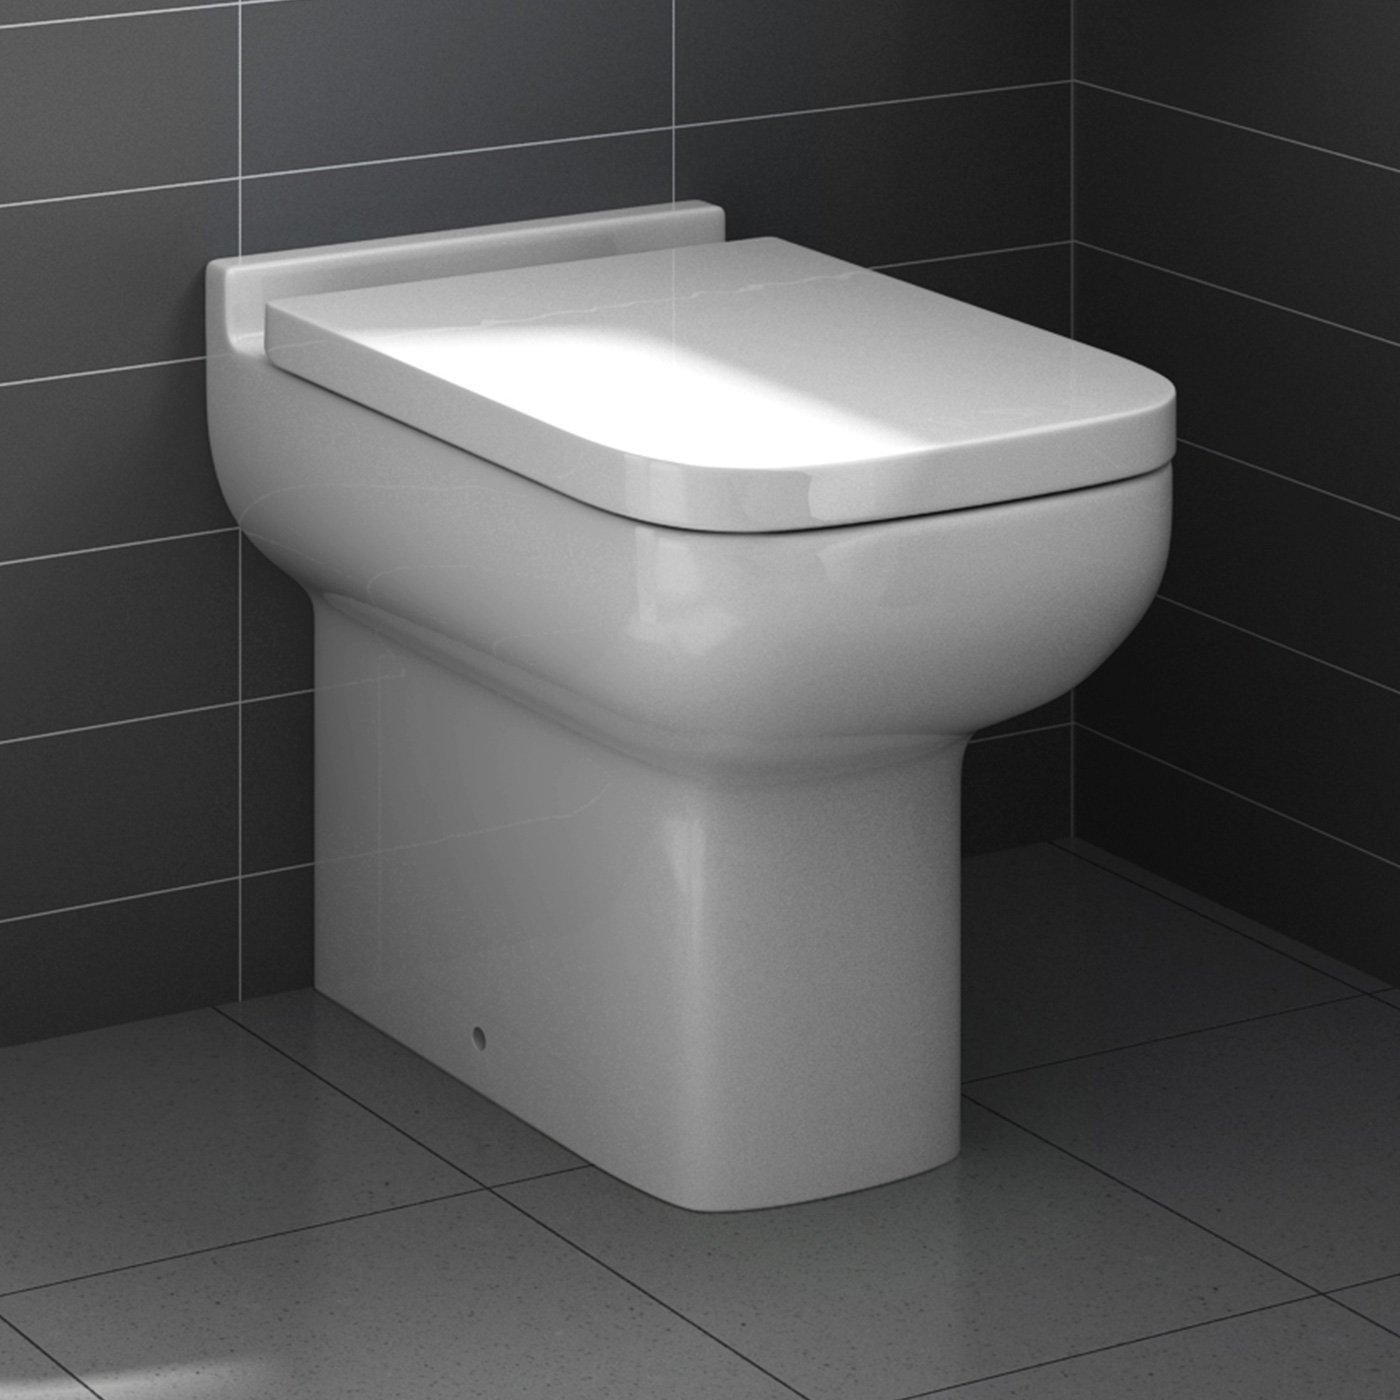 Amazoncouk Toilets - White toilet with black seat